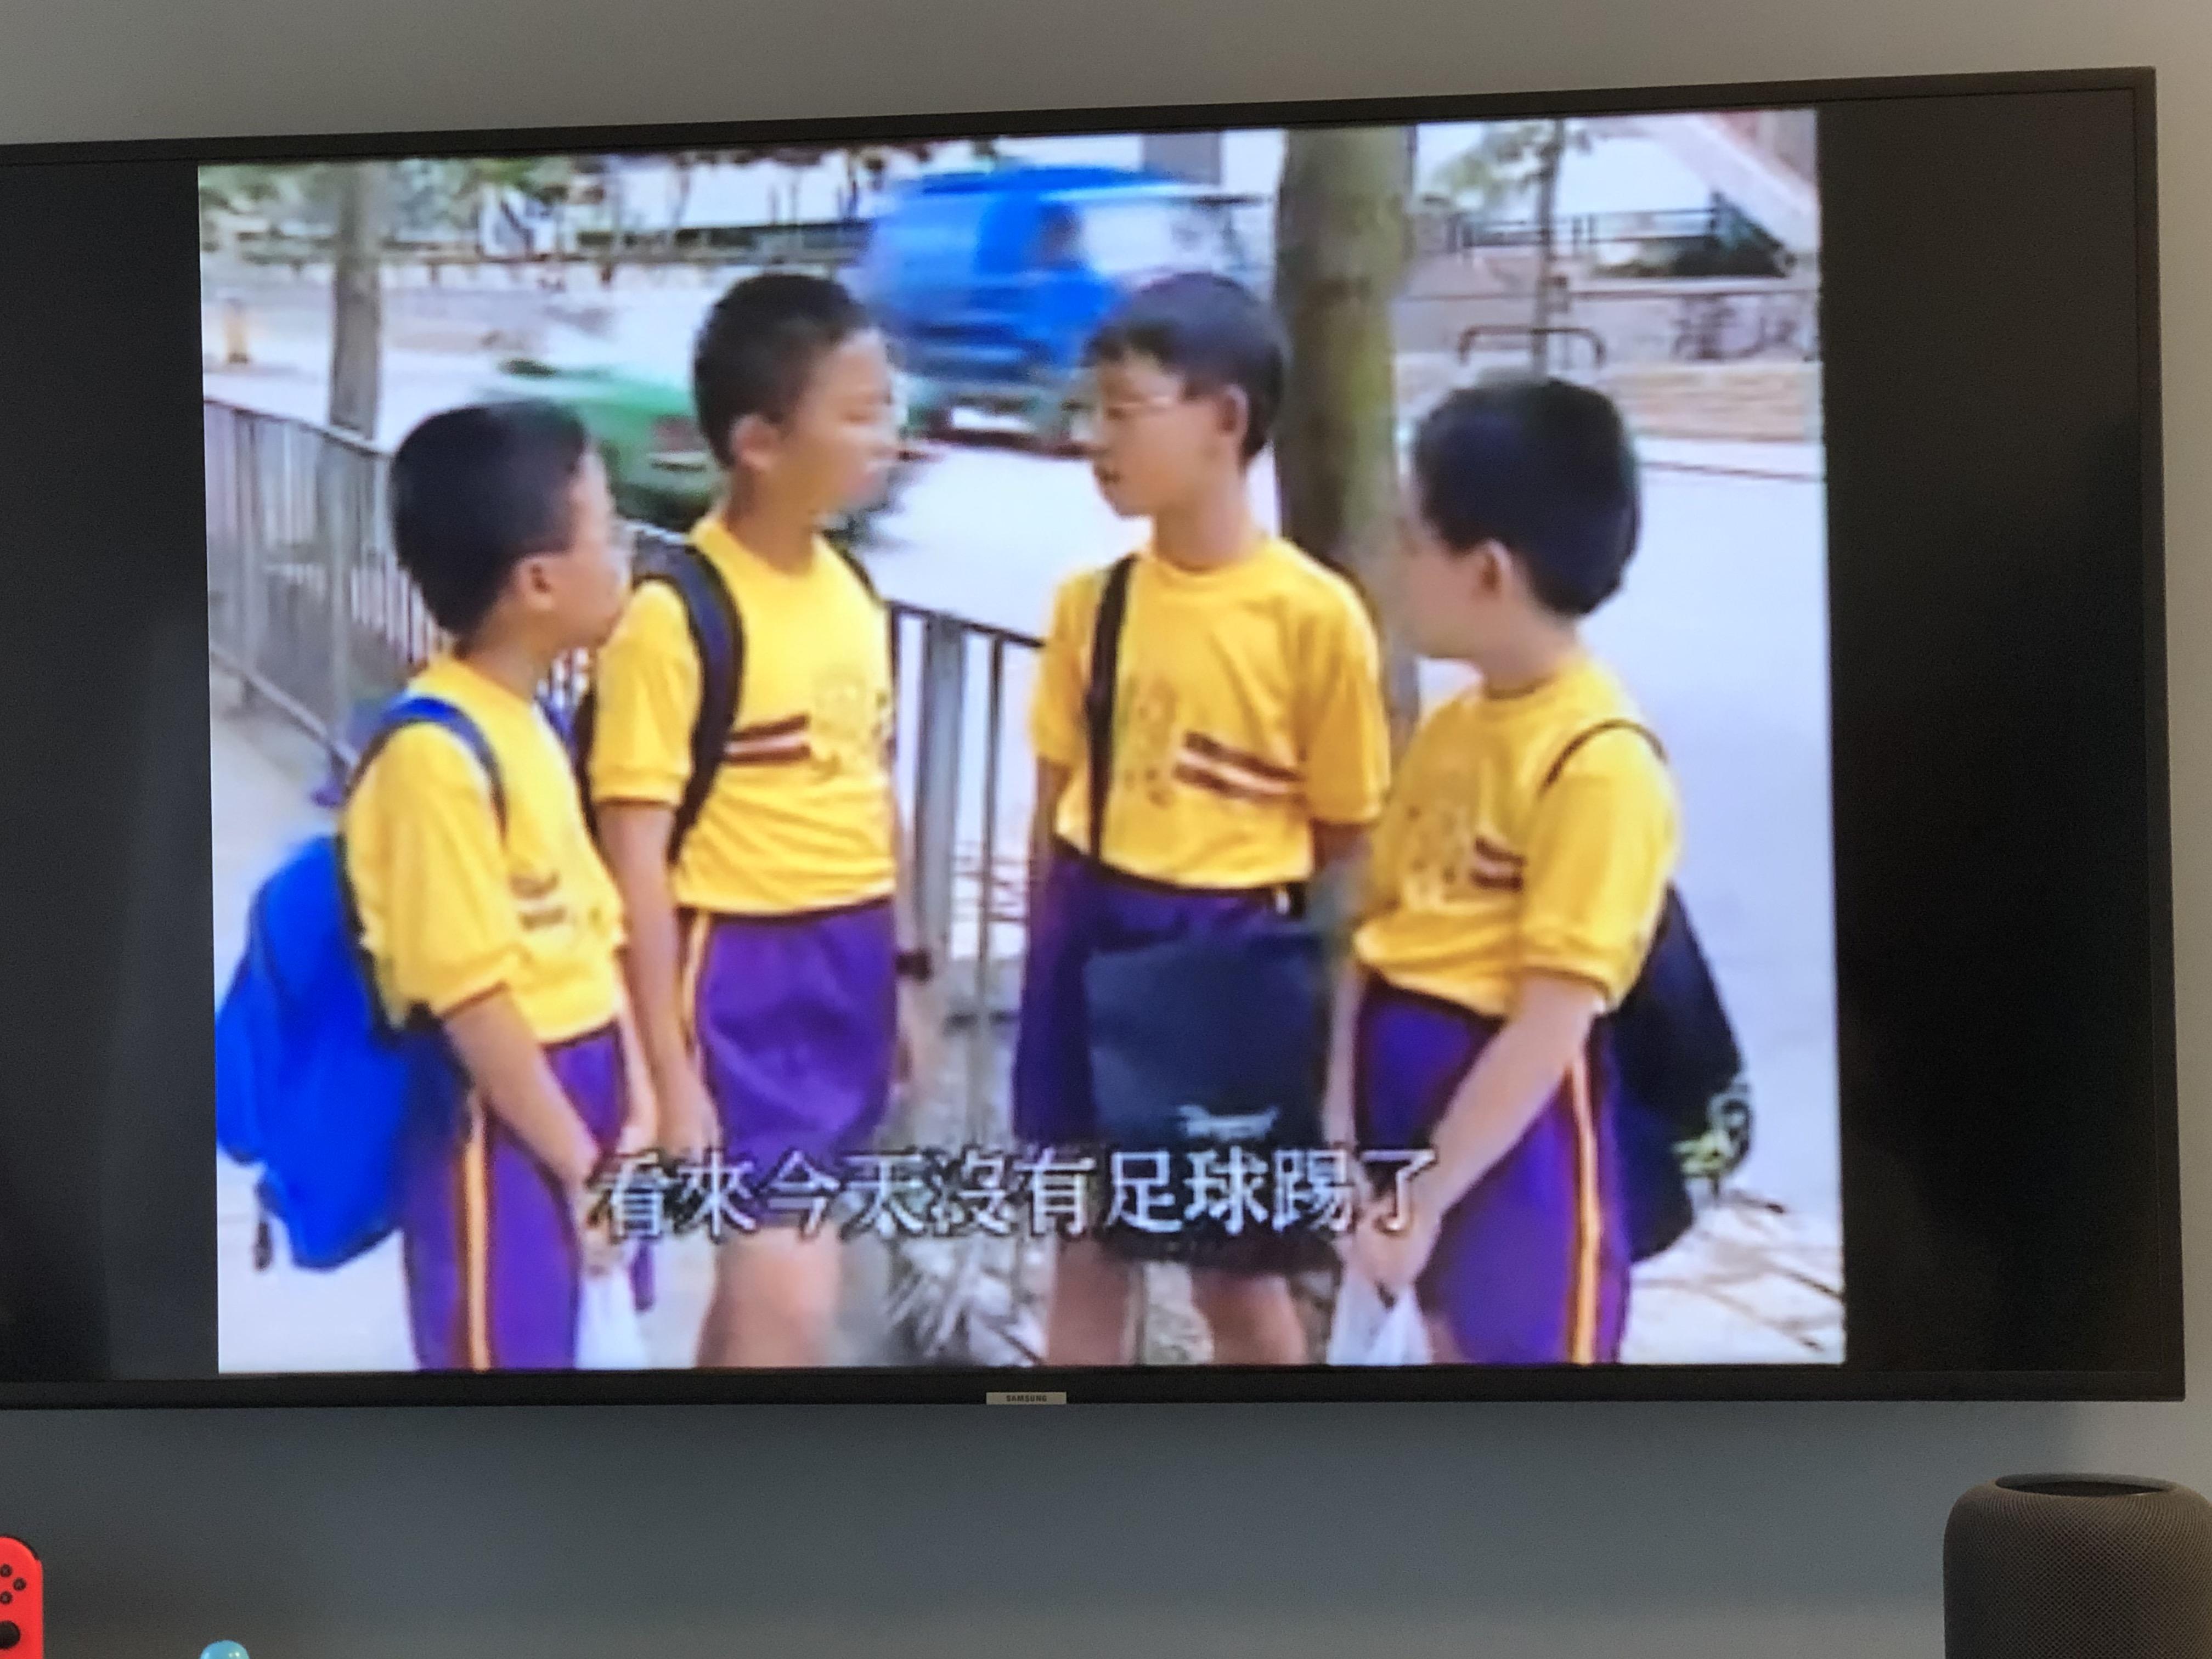 教育電視時間